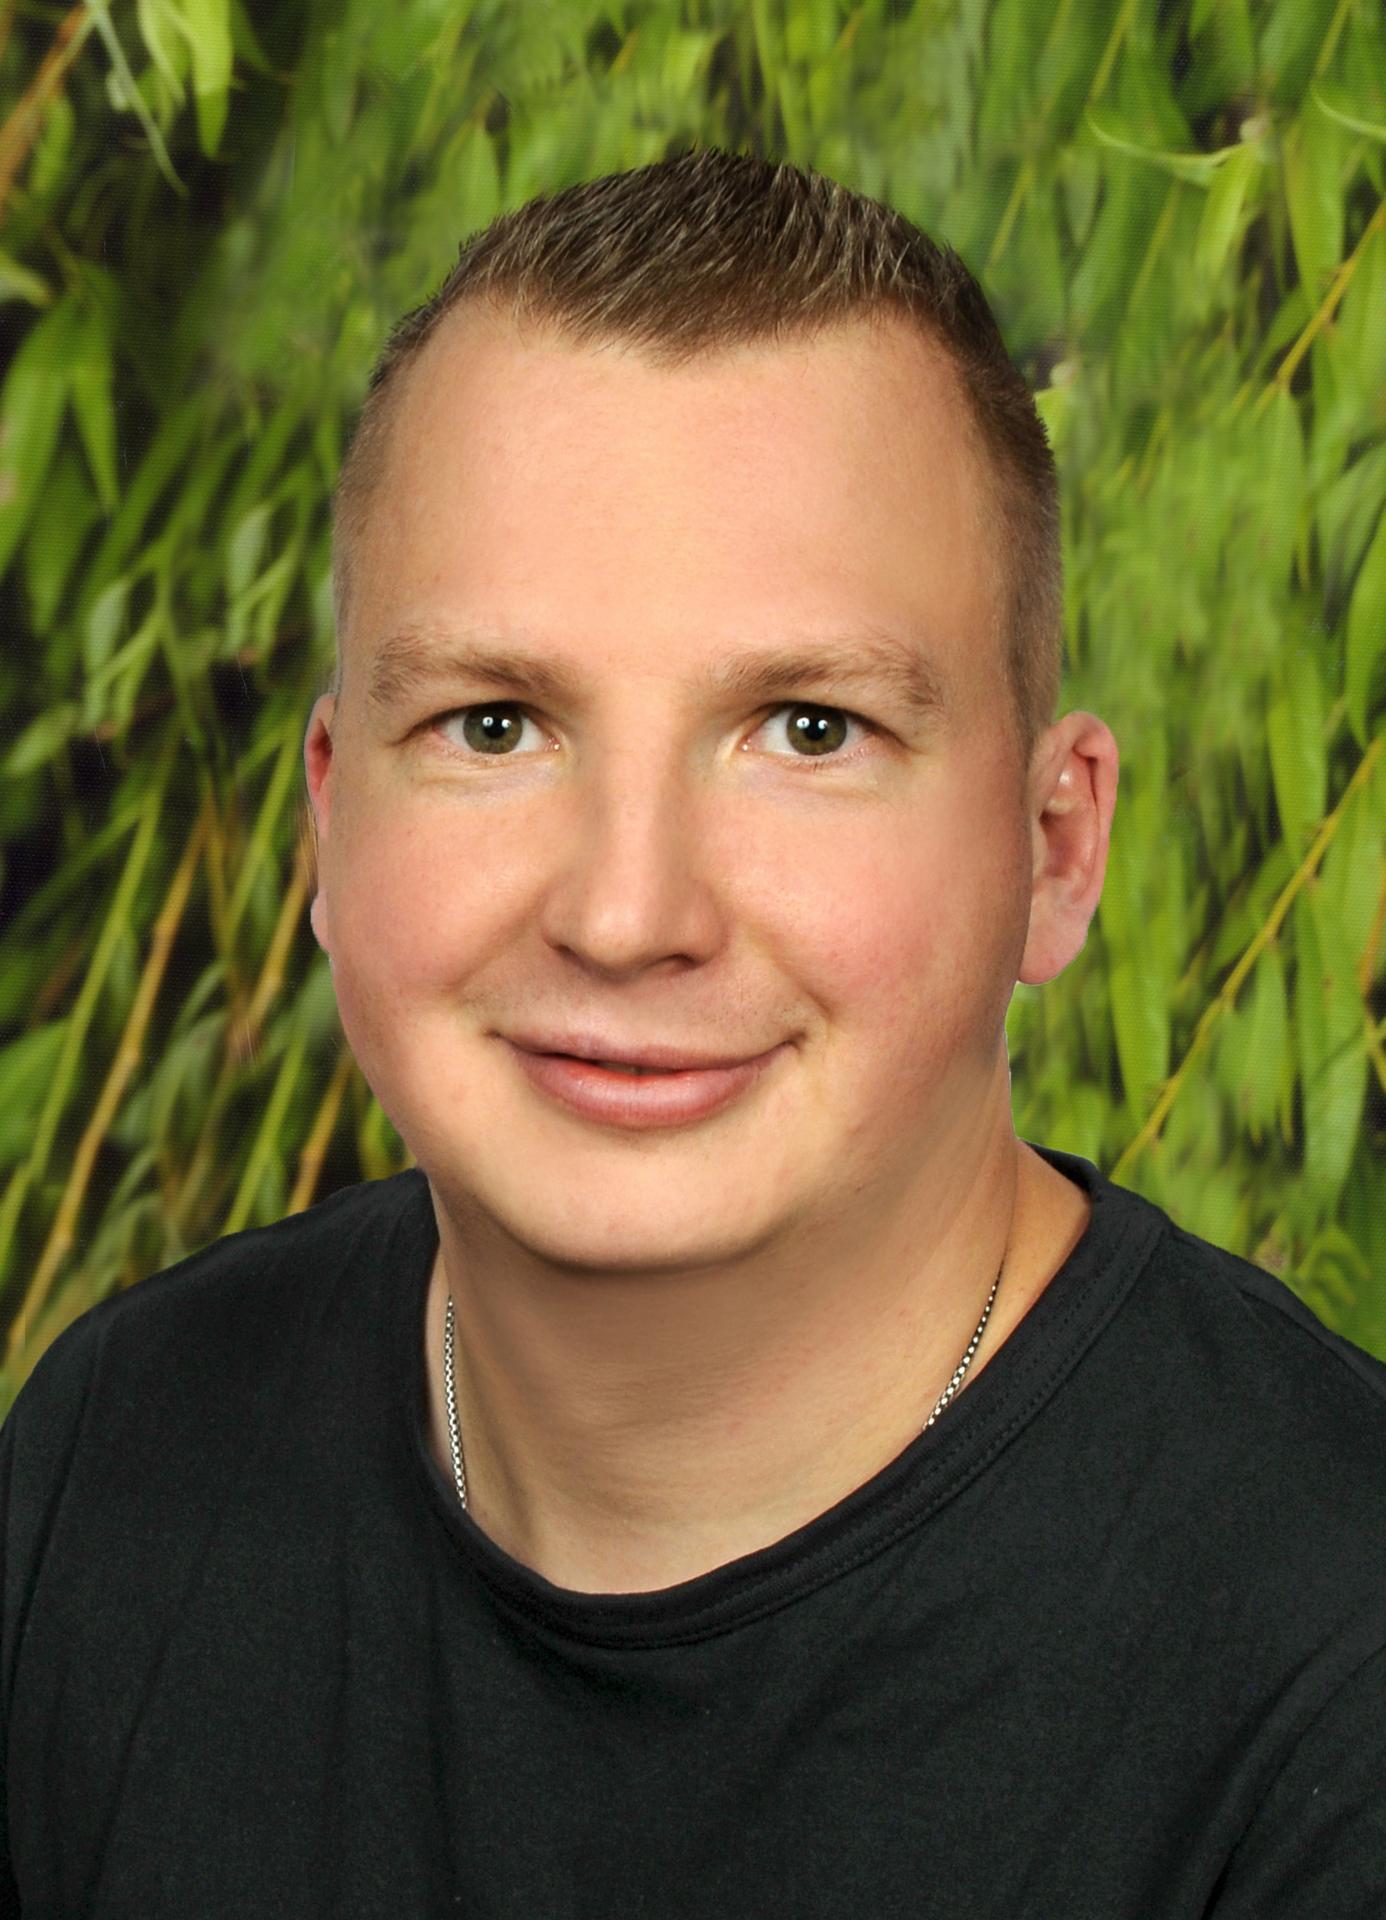 Herr Koppelt